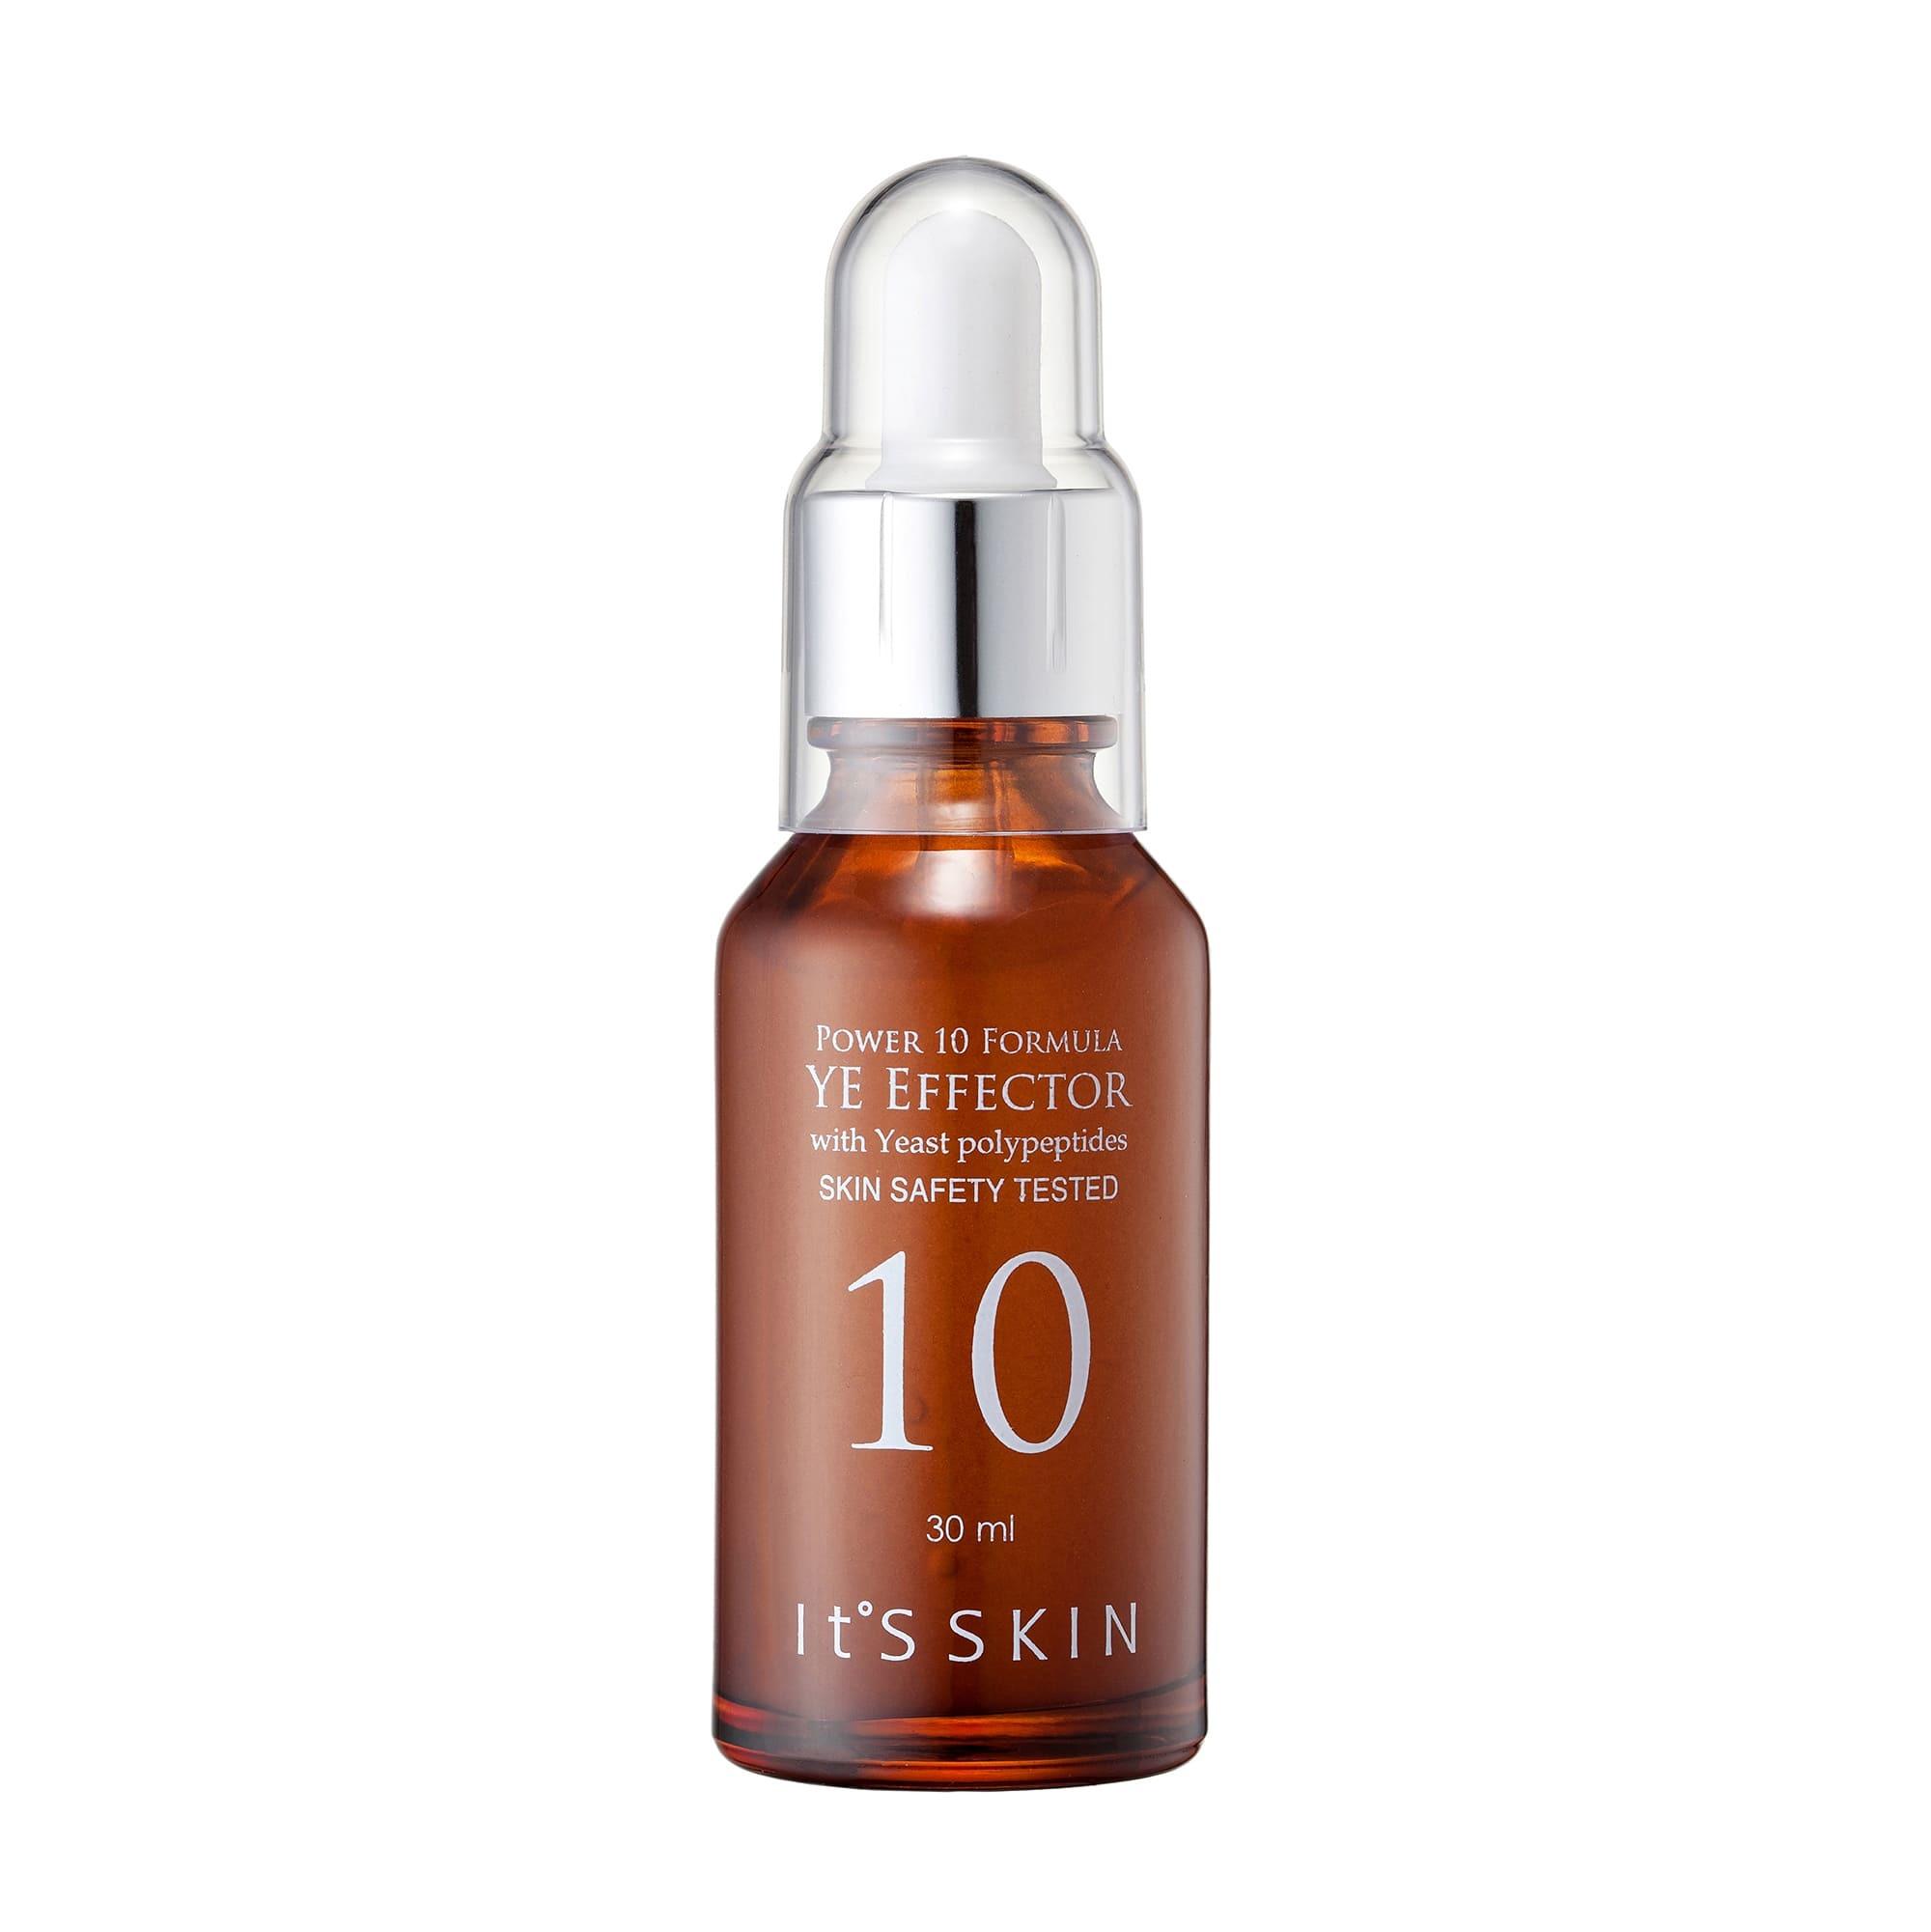 Витаминная сыворотка для лица с экстрактом дрожжей и антарктицином - It's Skin Power 10 Formula Ye Effector